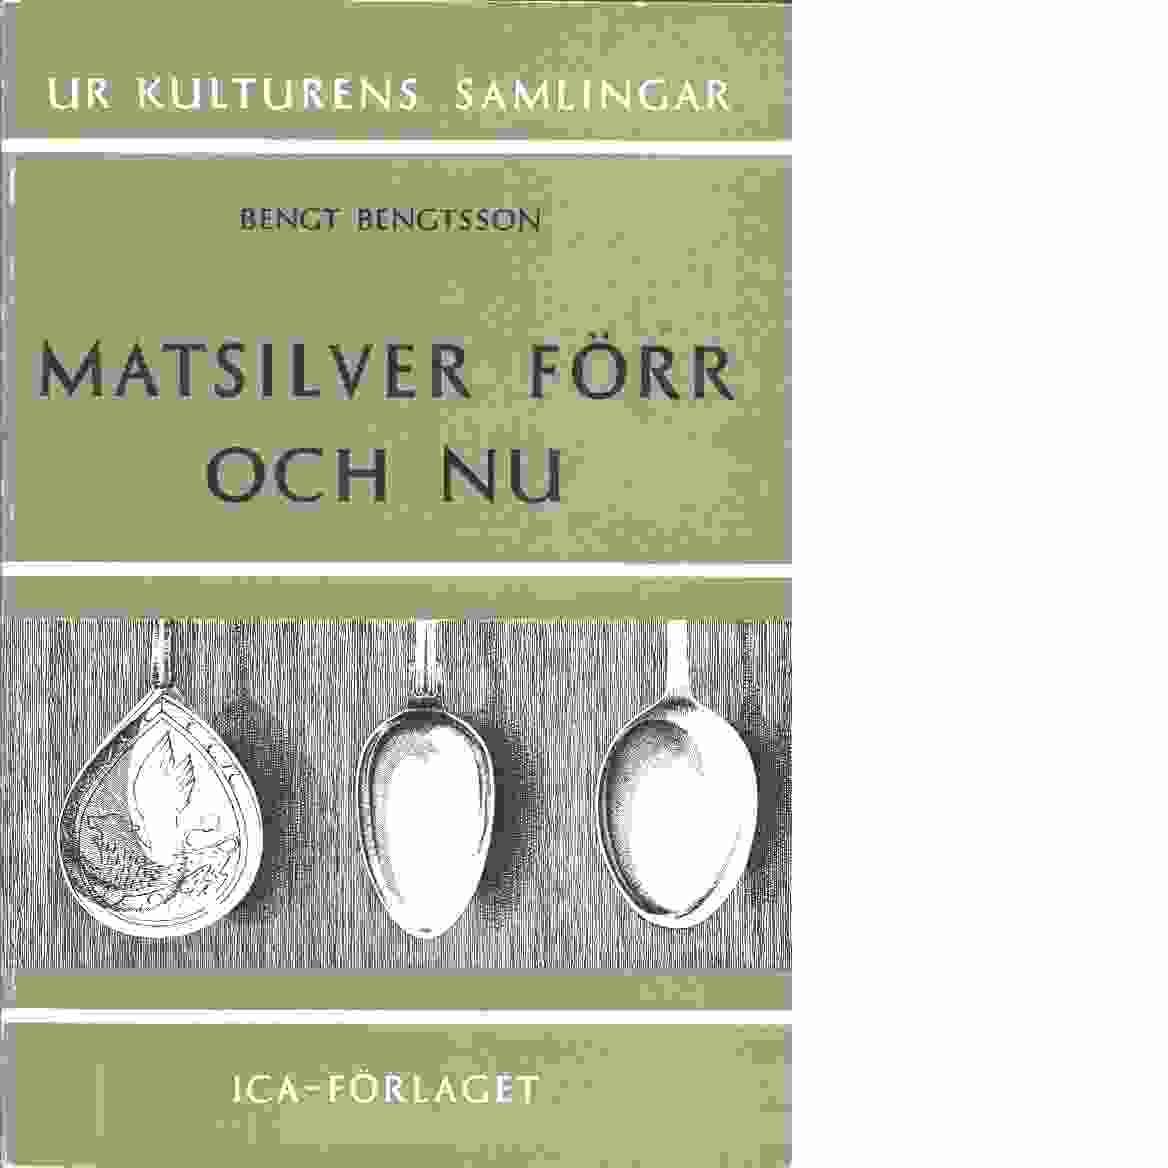 Matsilver förr och nu - Bengtsson, Bengt